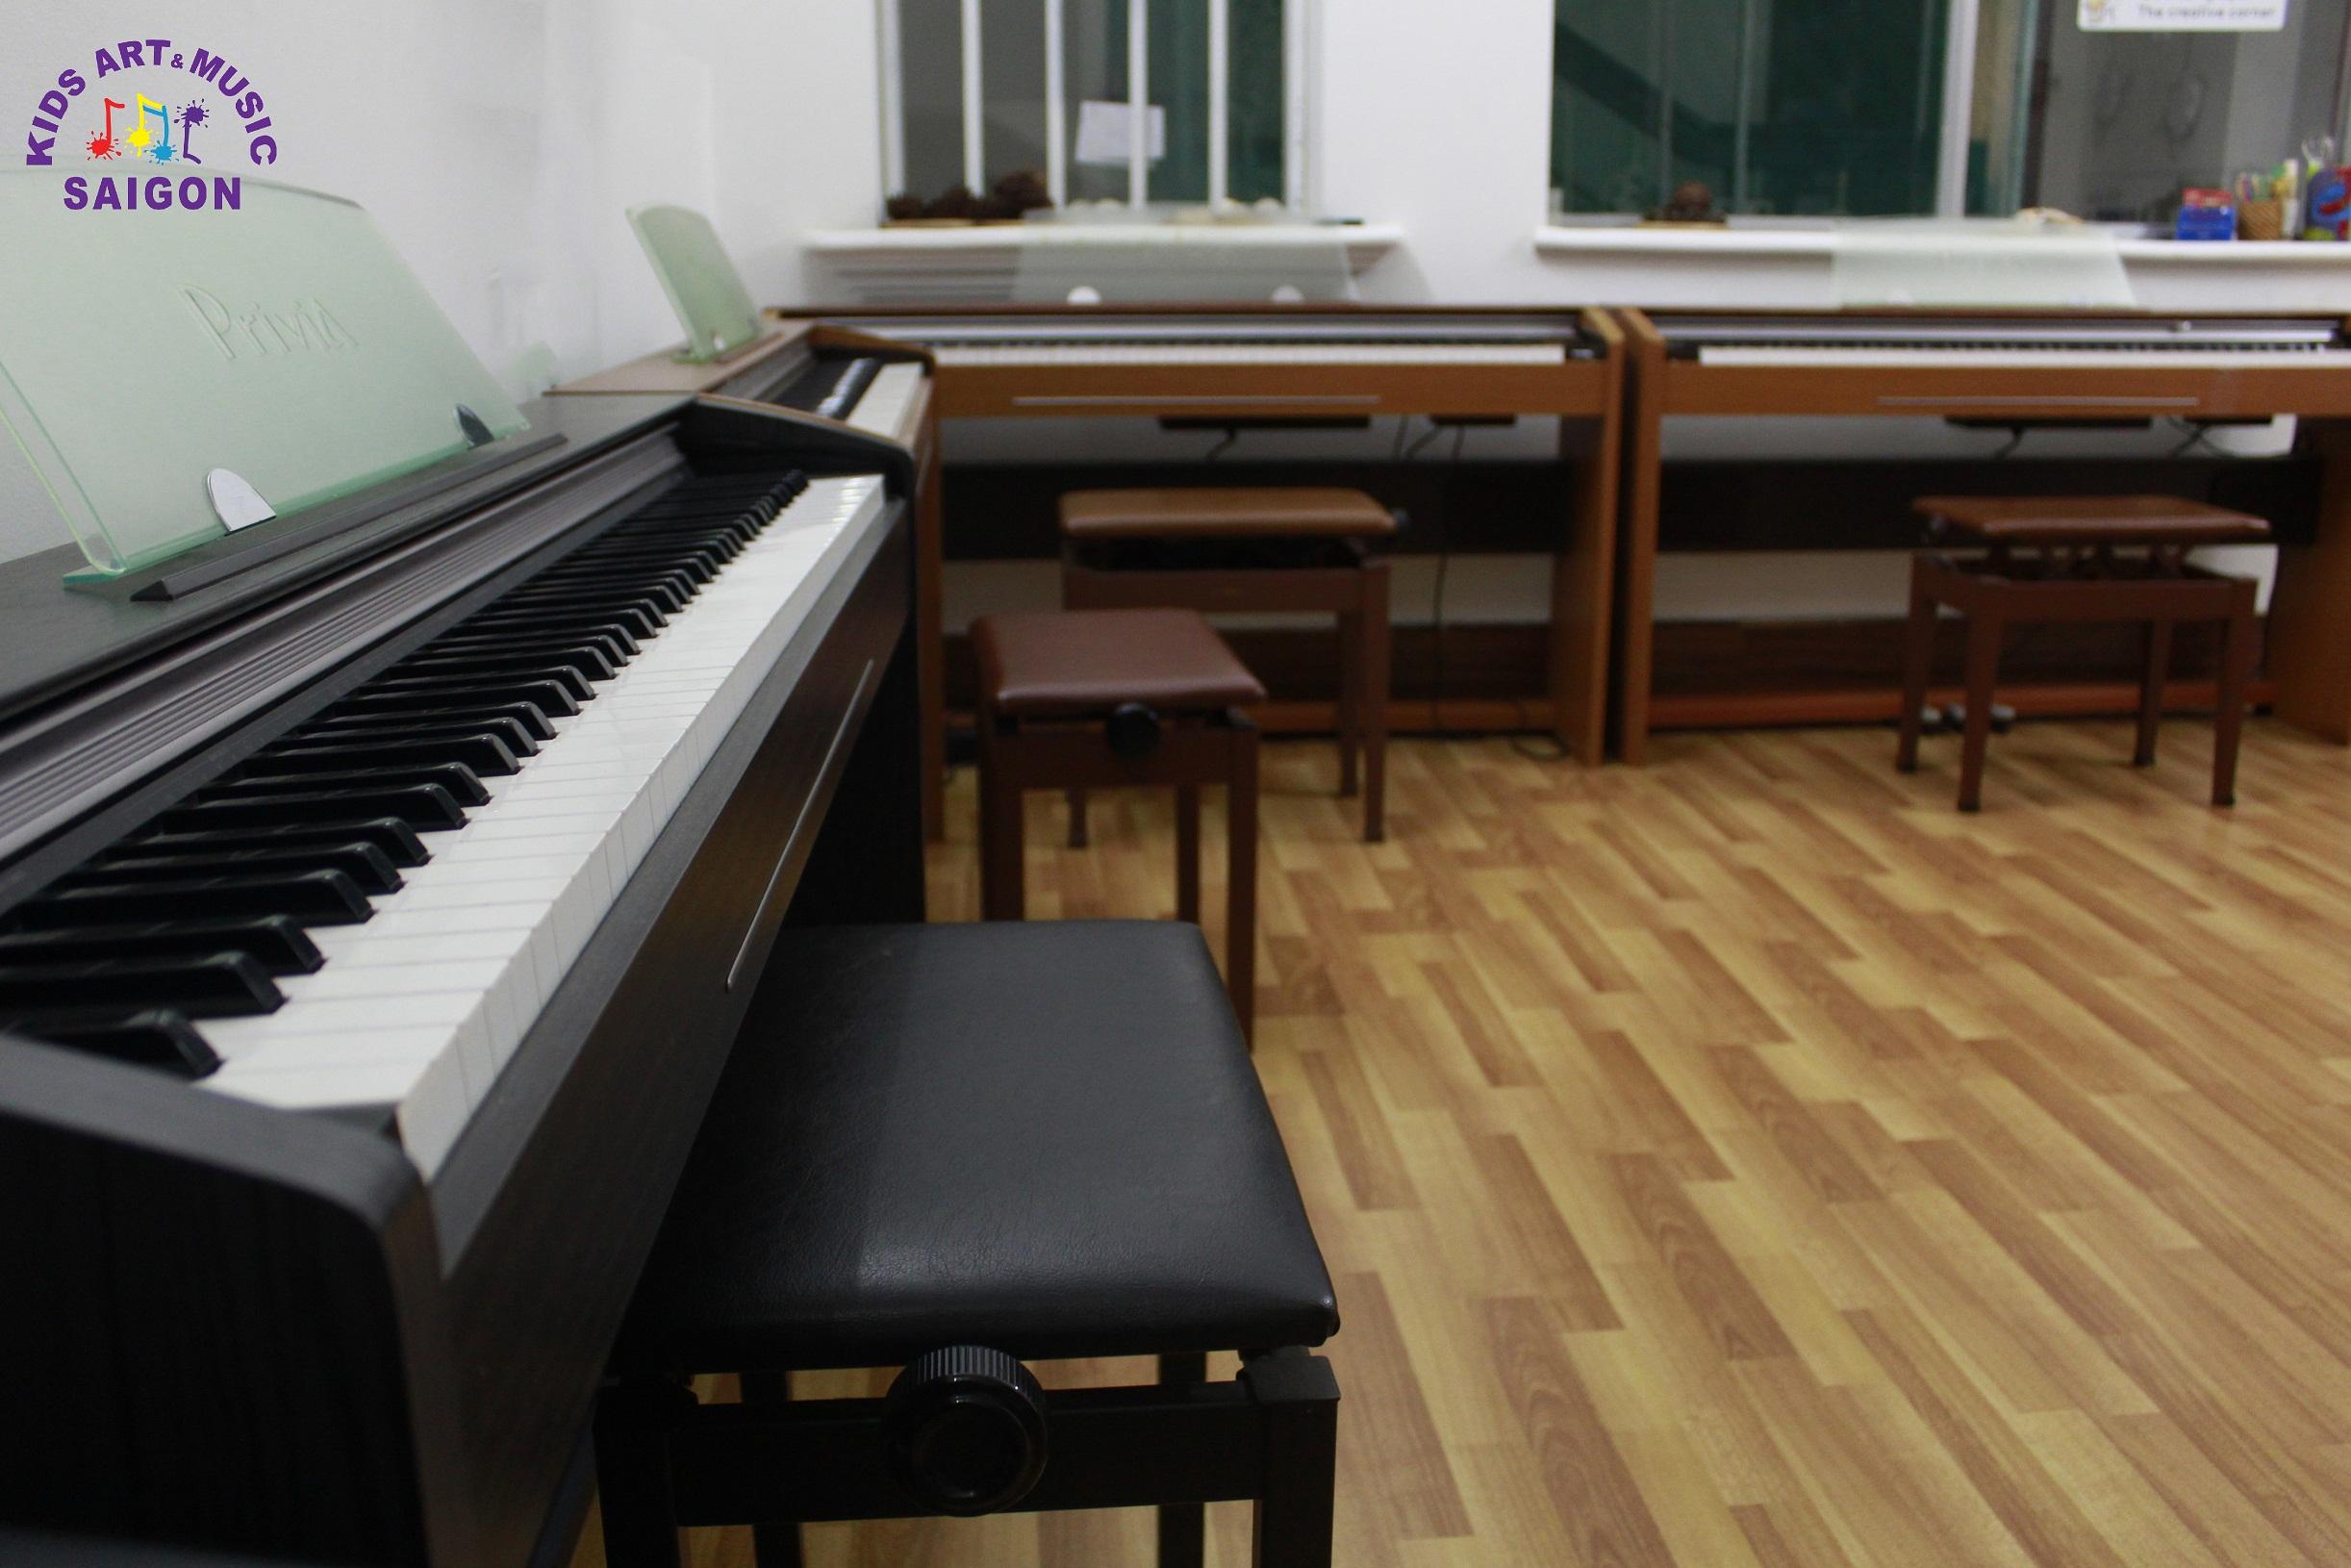 Học đàn Piano cho trẻ em tại Kids Art & Music Saigon, cùng tìm hiểu nhé! hình ảnh 8